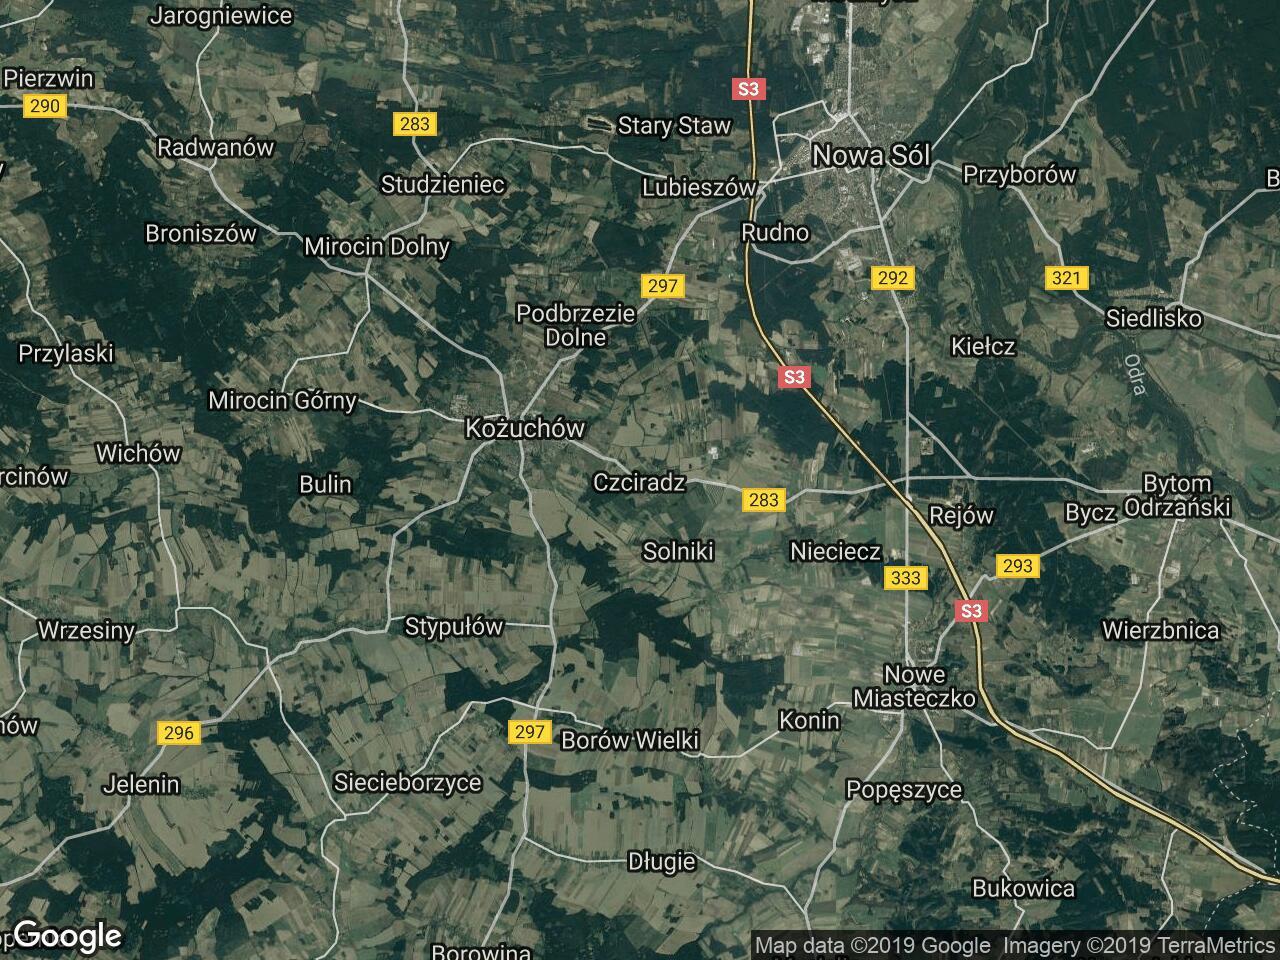 Działka leśna Czciradz